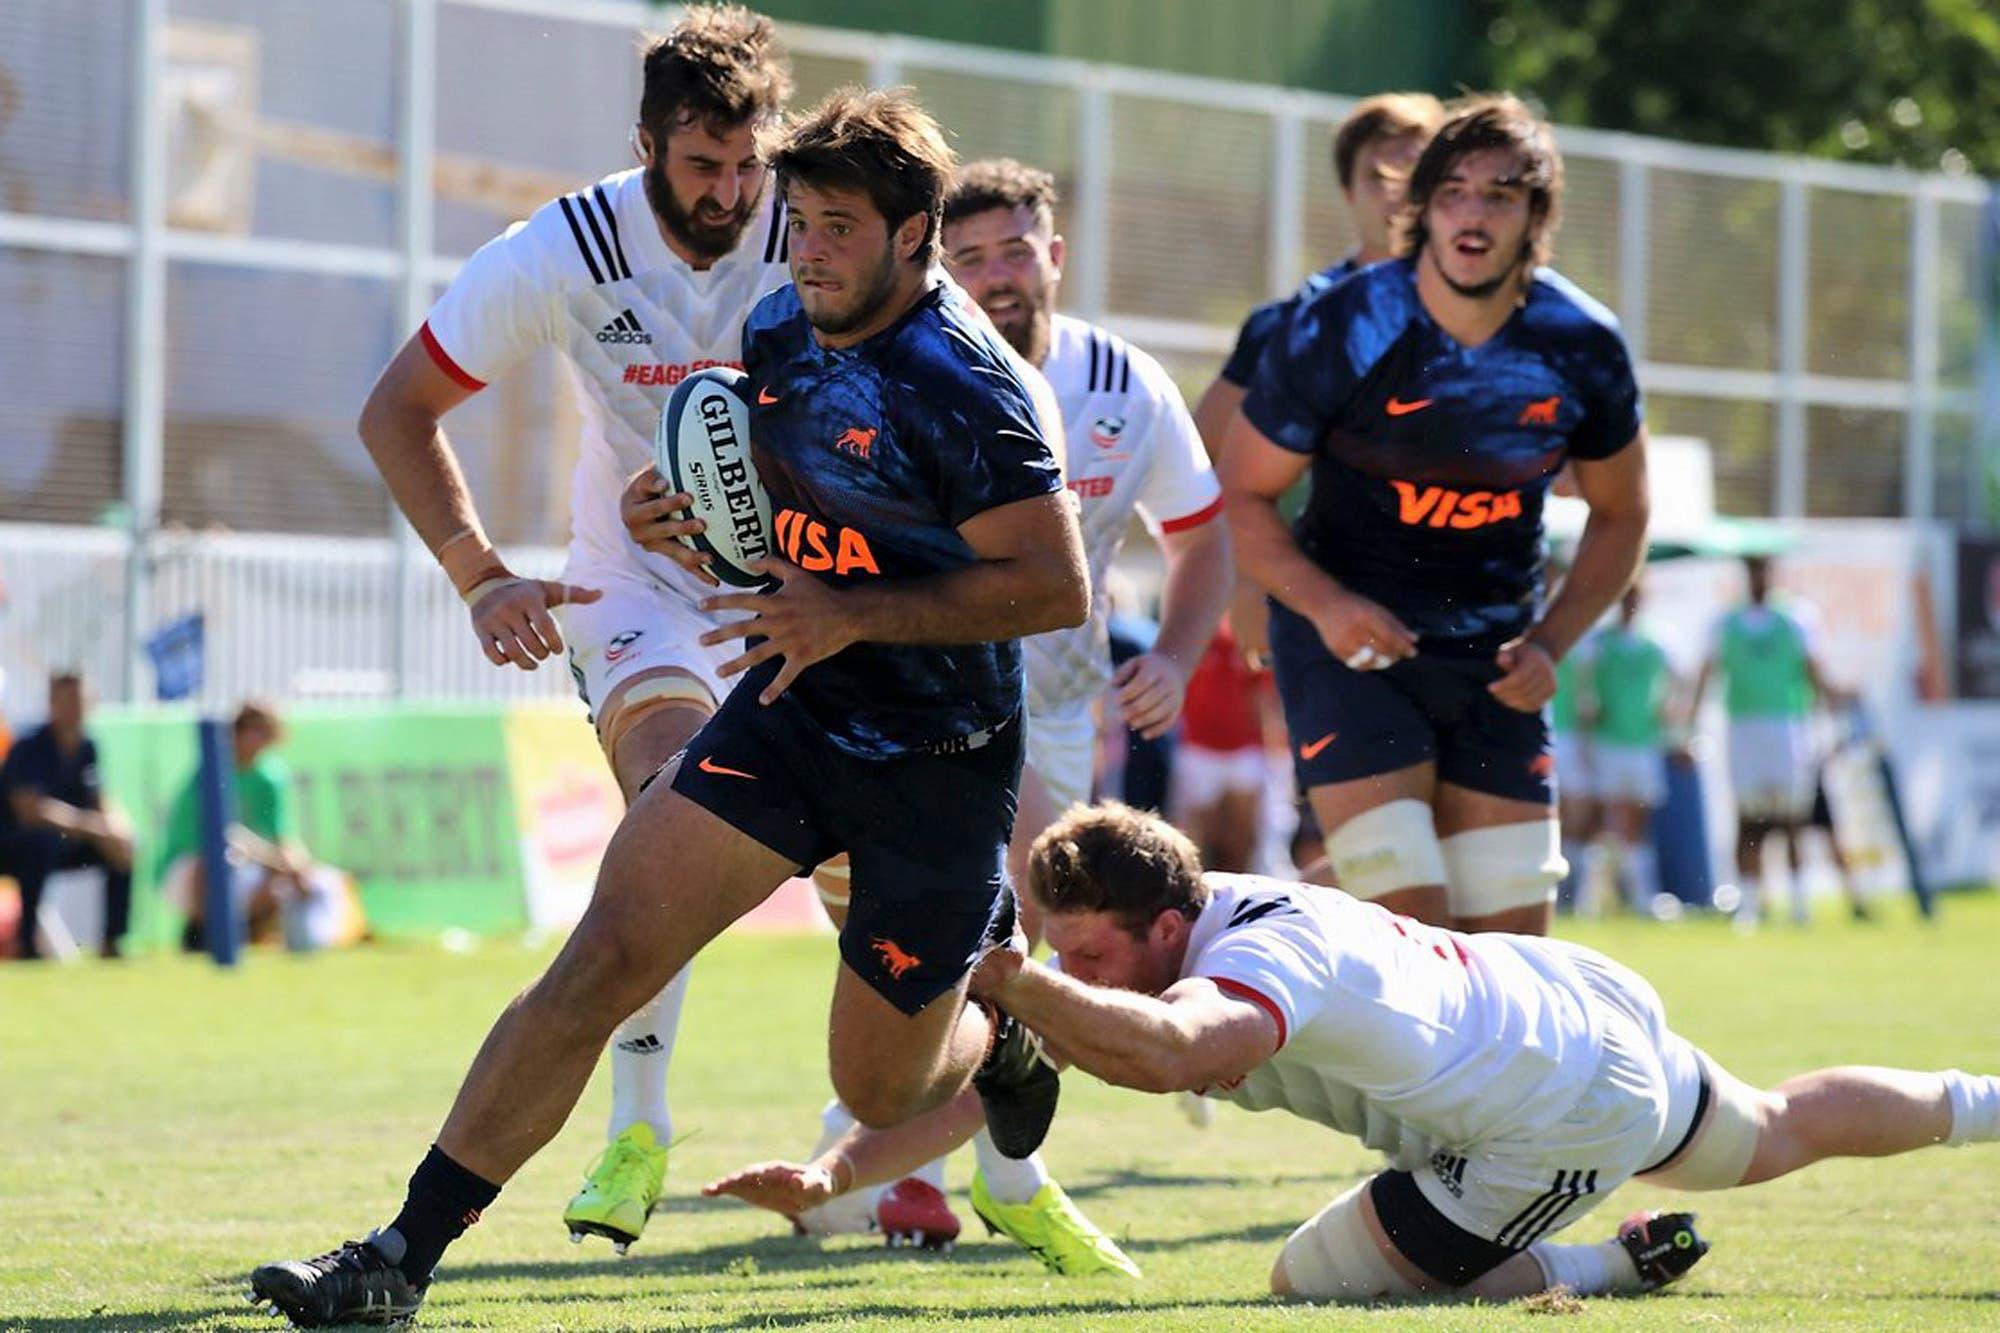 Argentina XV le dio una paliza a Estados Unidos en el Americas Rugby Championship